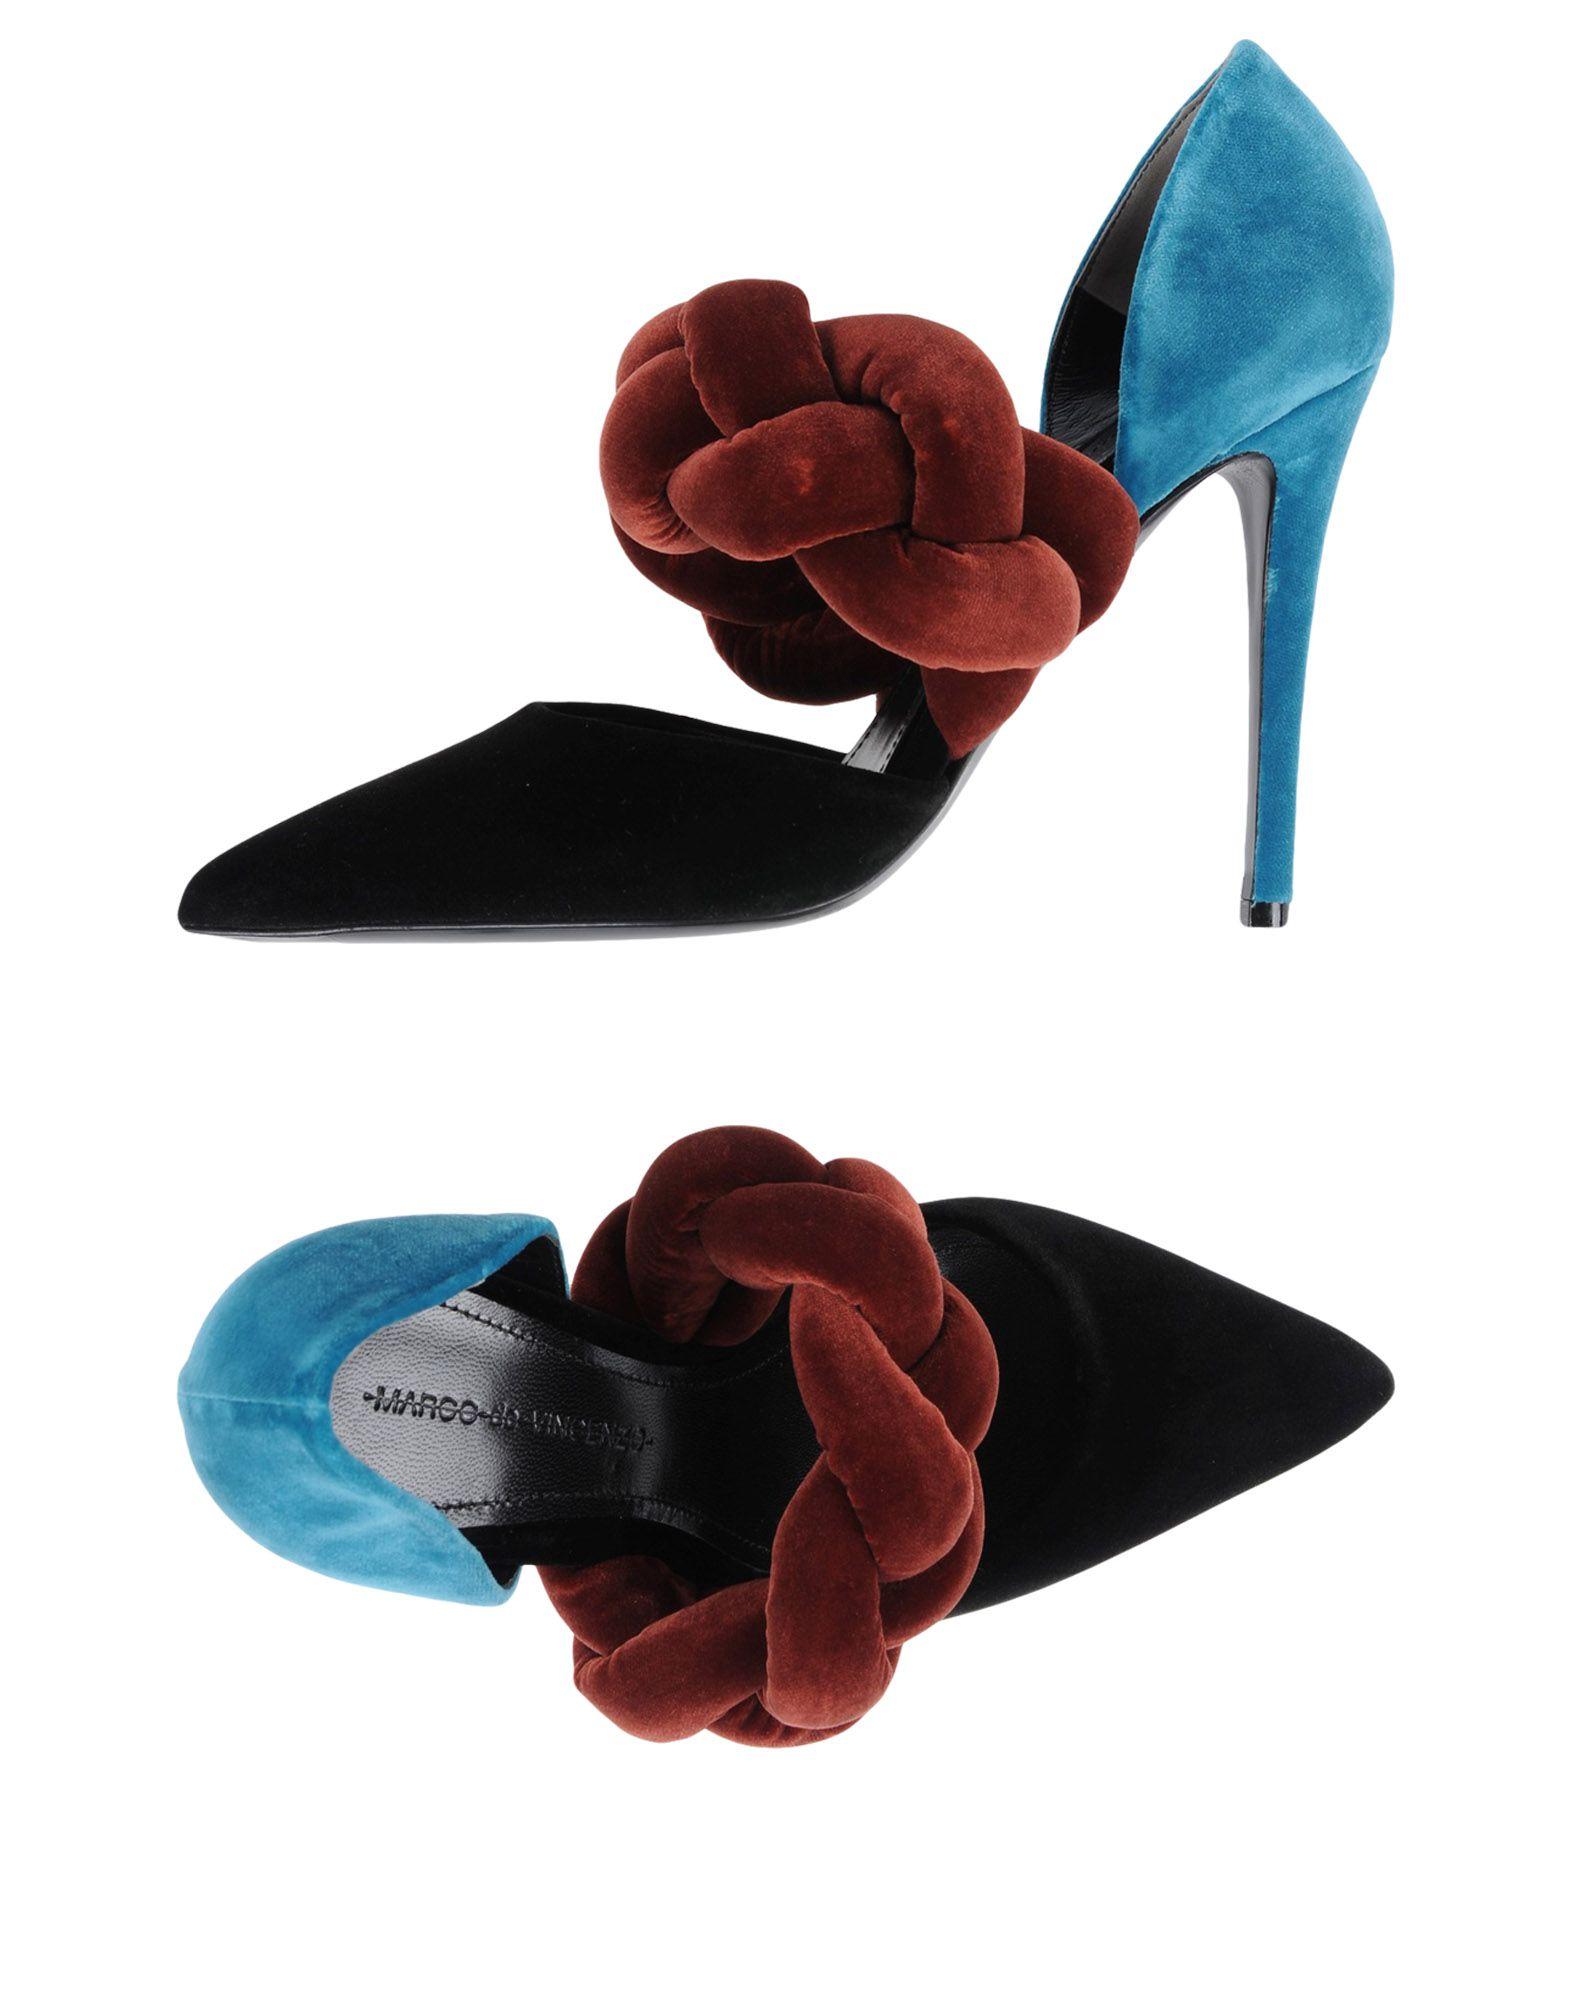 Marco Damen De Vincenzo Pumps Damen Marco  11447445KD Neue Schuhe c607d1